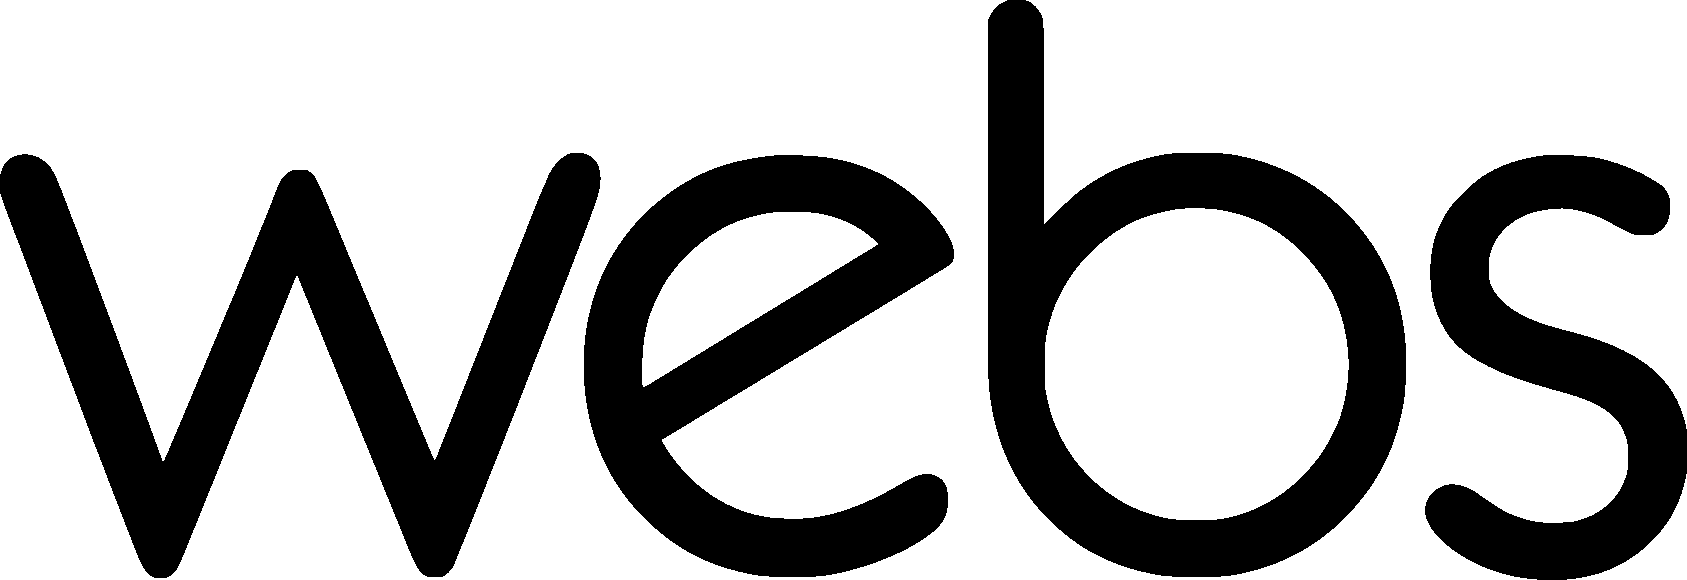 Webs Logo png